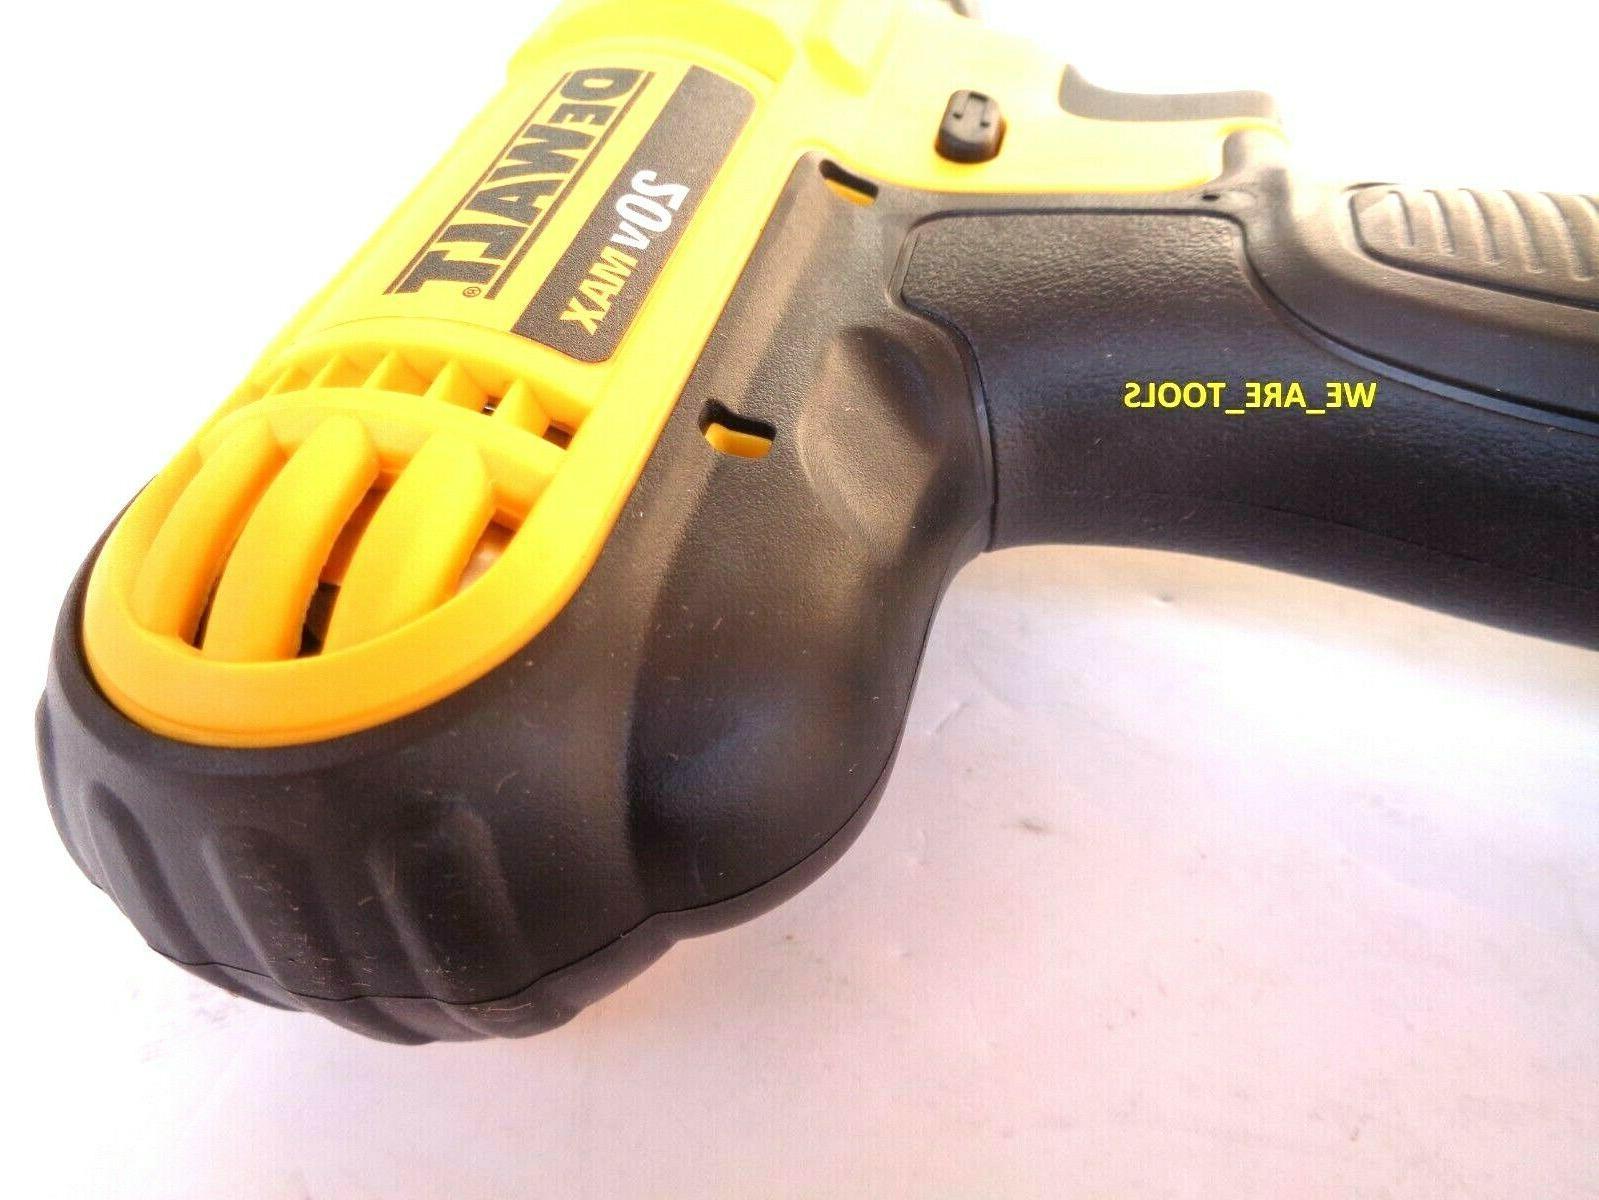 New DCD771 Compact Drill 1/2 MAX 20 Volt